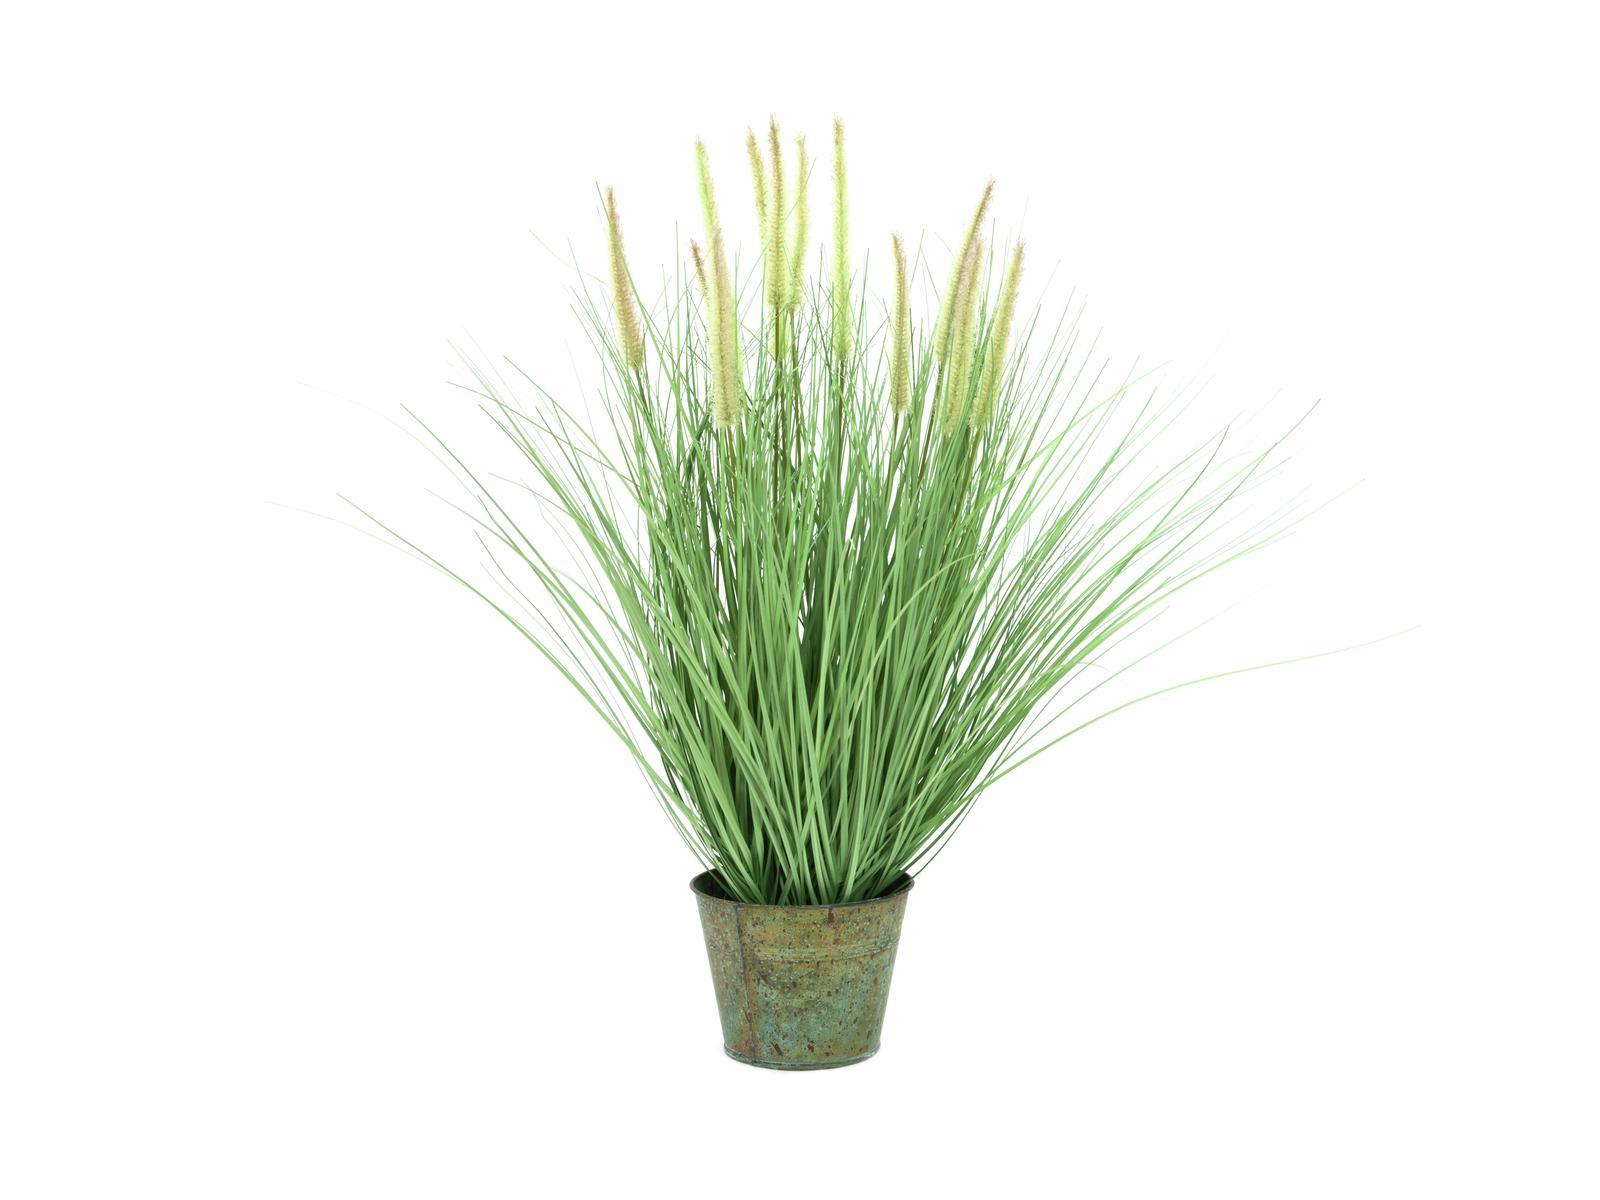 Kunstig  Dekorativ blomstrende Græs, 70cm